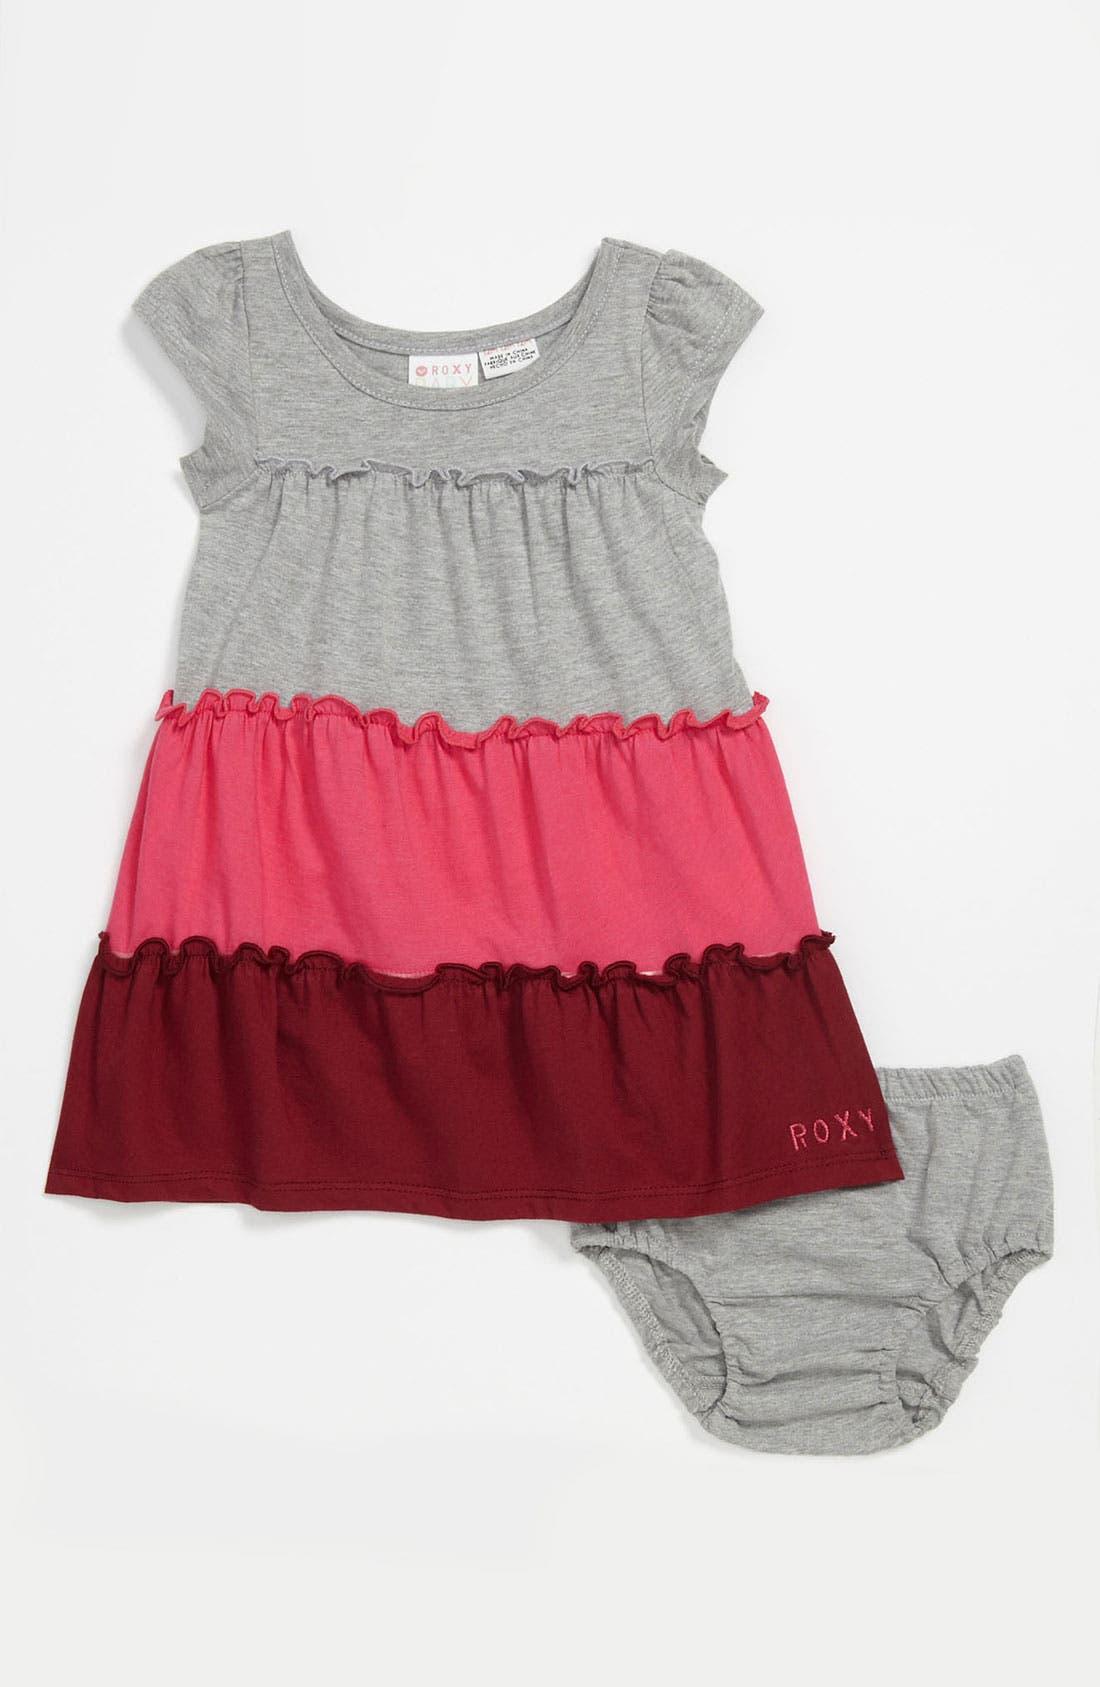 Main Image - 'Cider' Colorblock Dress (Infant)